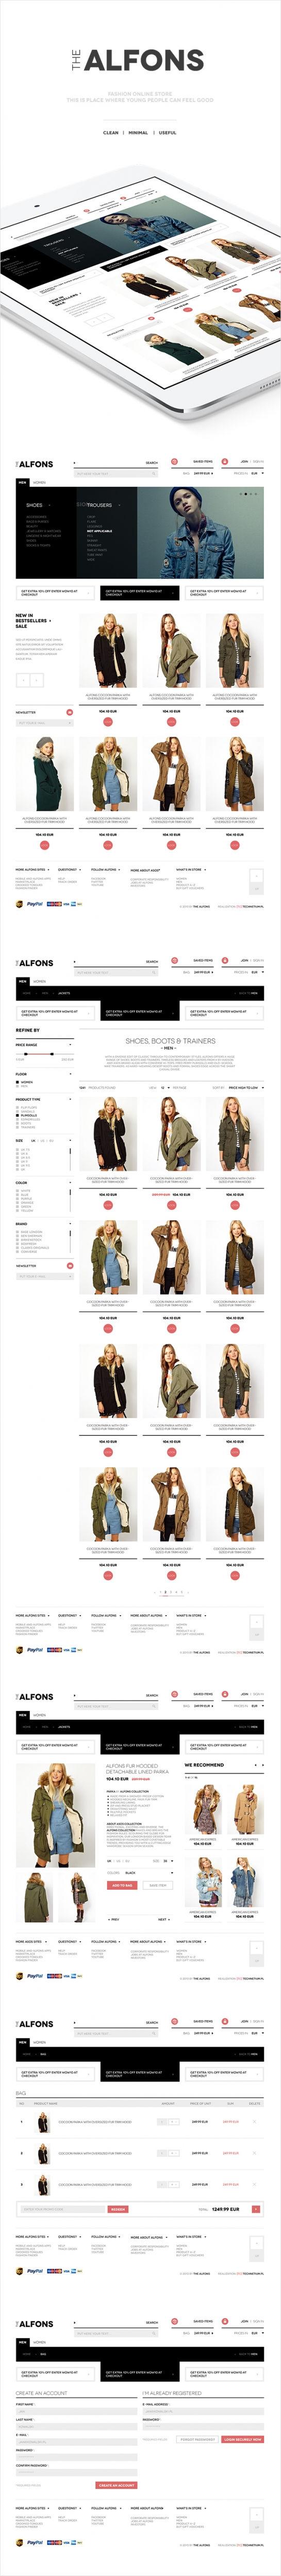 Sklep on-line, projekt graficzny The Alfons sklep odzieżowy